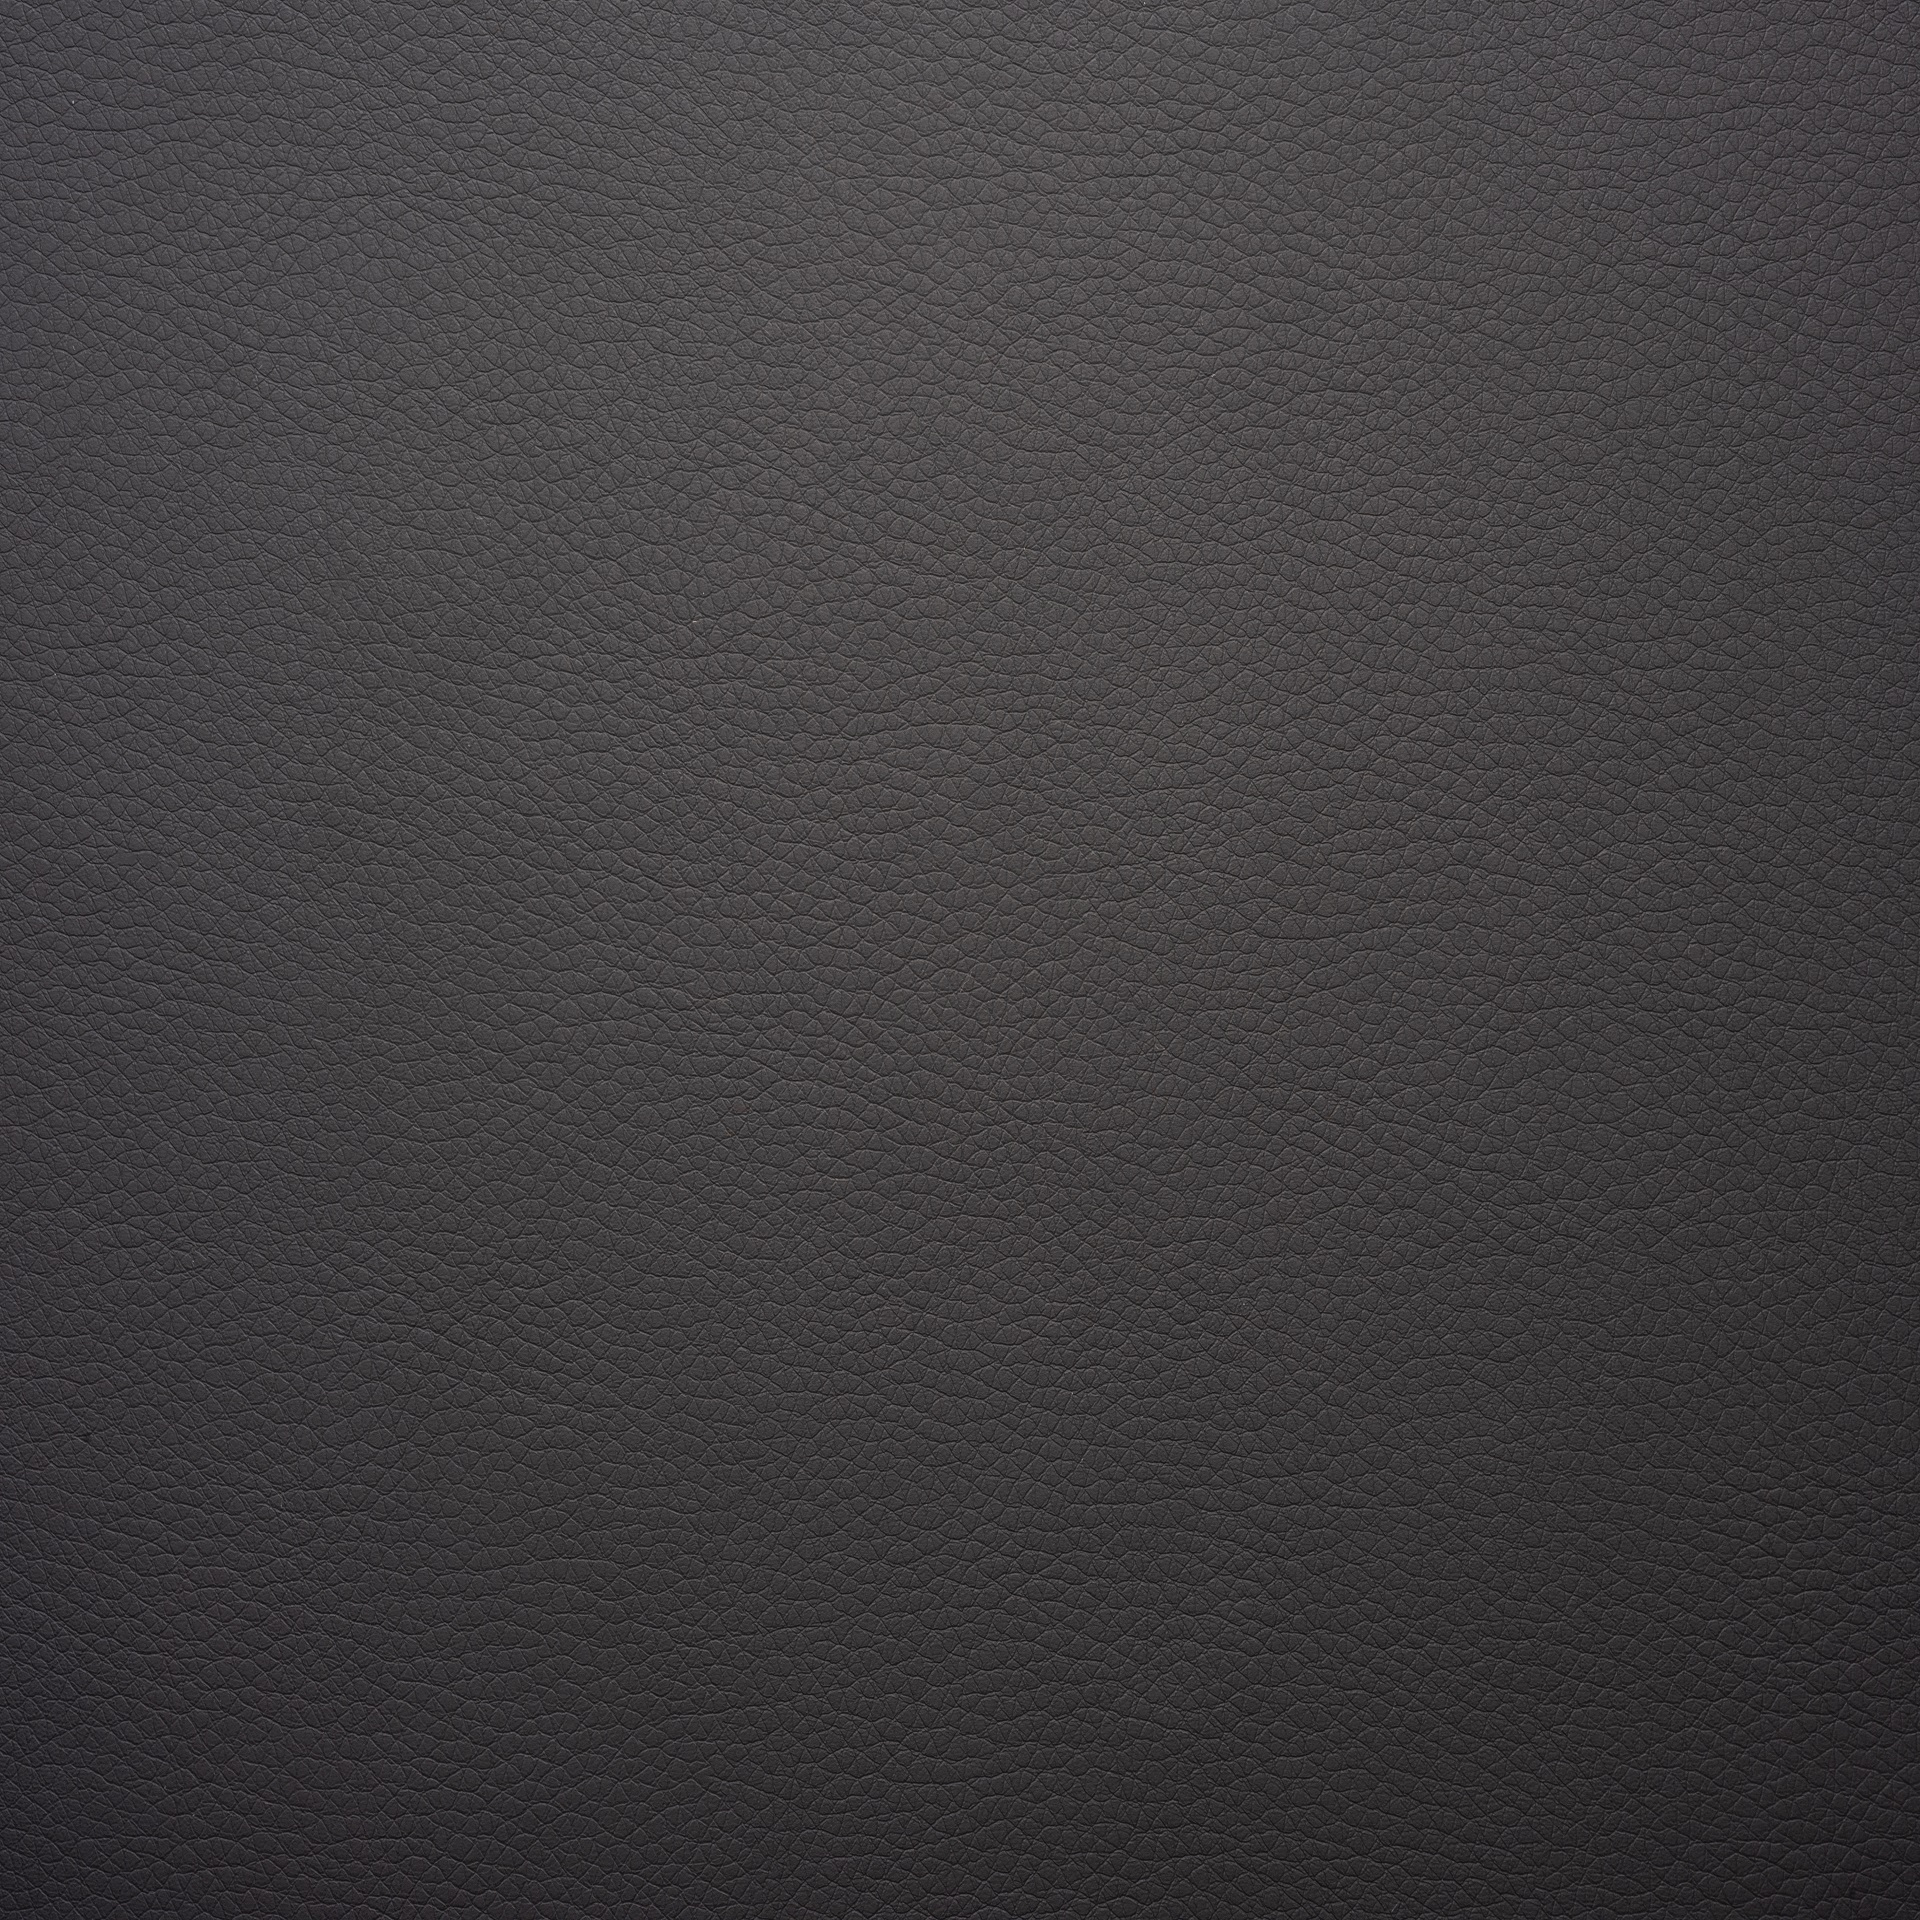 Коллекция ткани Флай 2243,  купить ткань Кож зам для мебели Украина